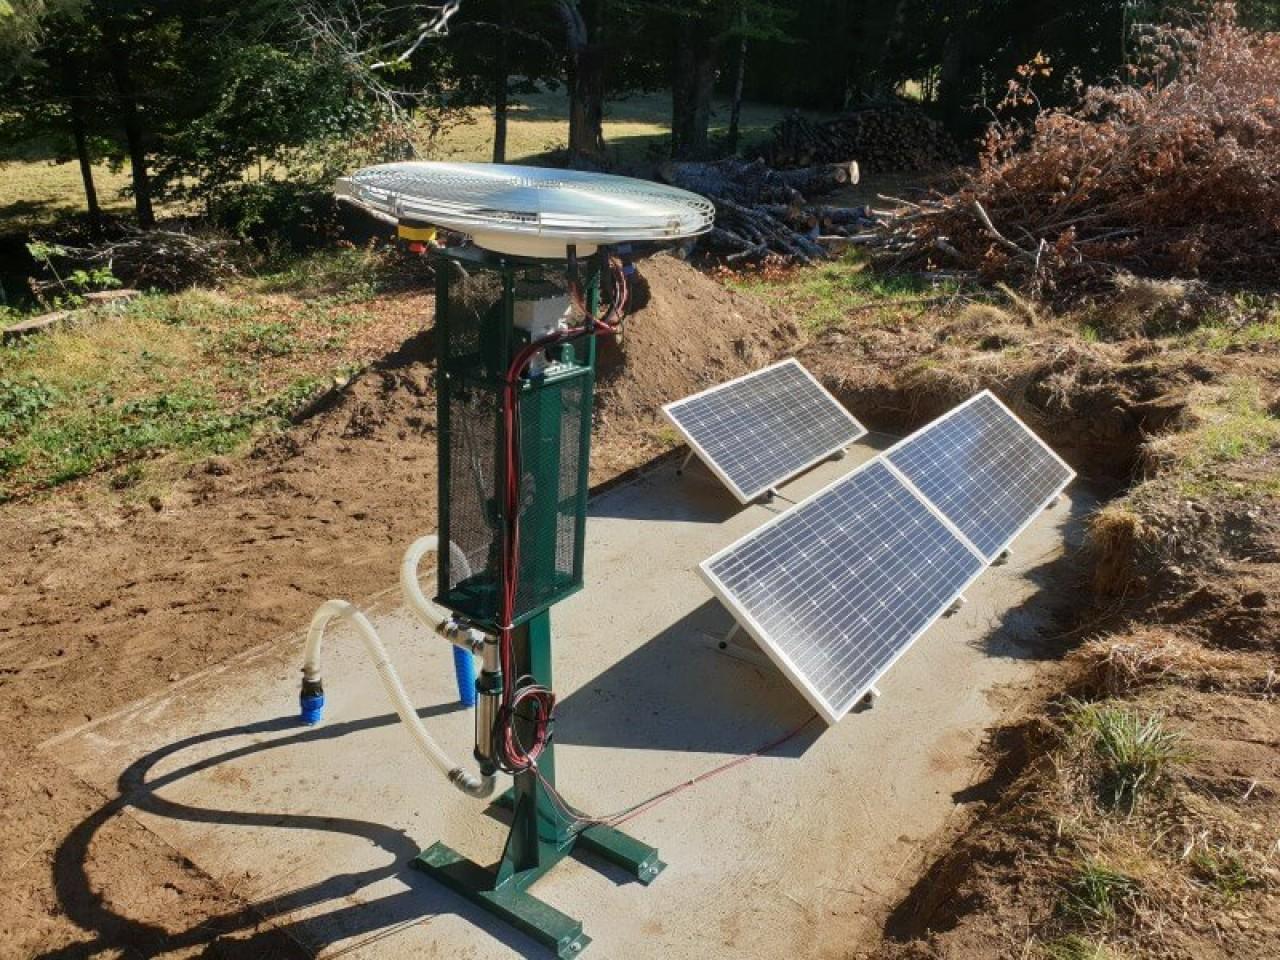 Le moteur photovoltaïque autonome de Saurea sert à fonctionner des pompes à eau, des installations de ventilation et alimenter des petits équipements mécaniques. © Saurea